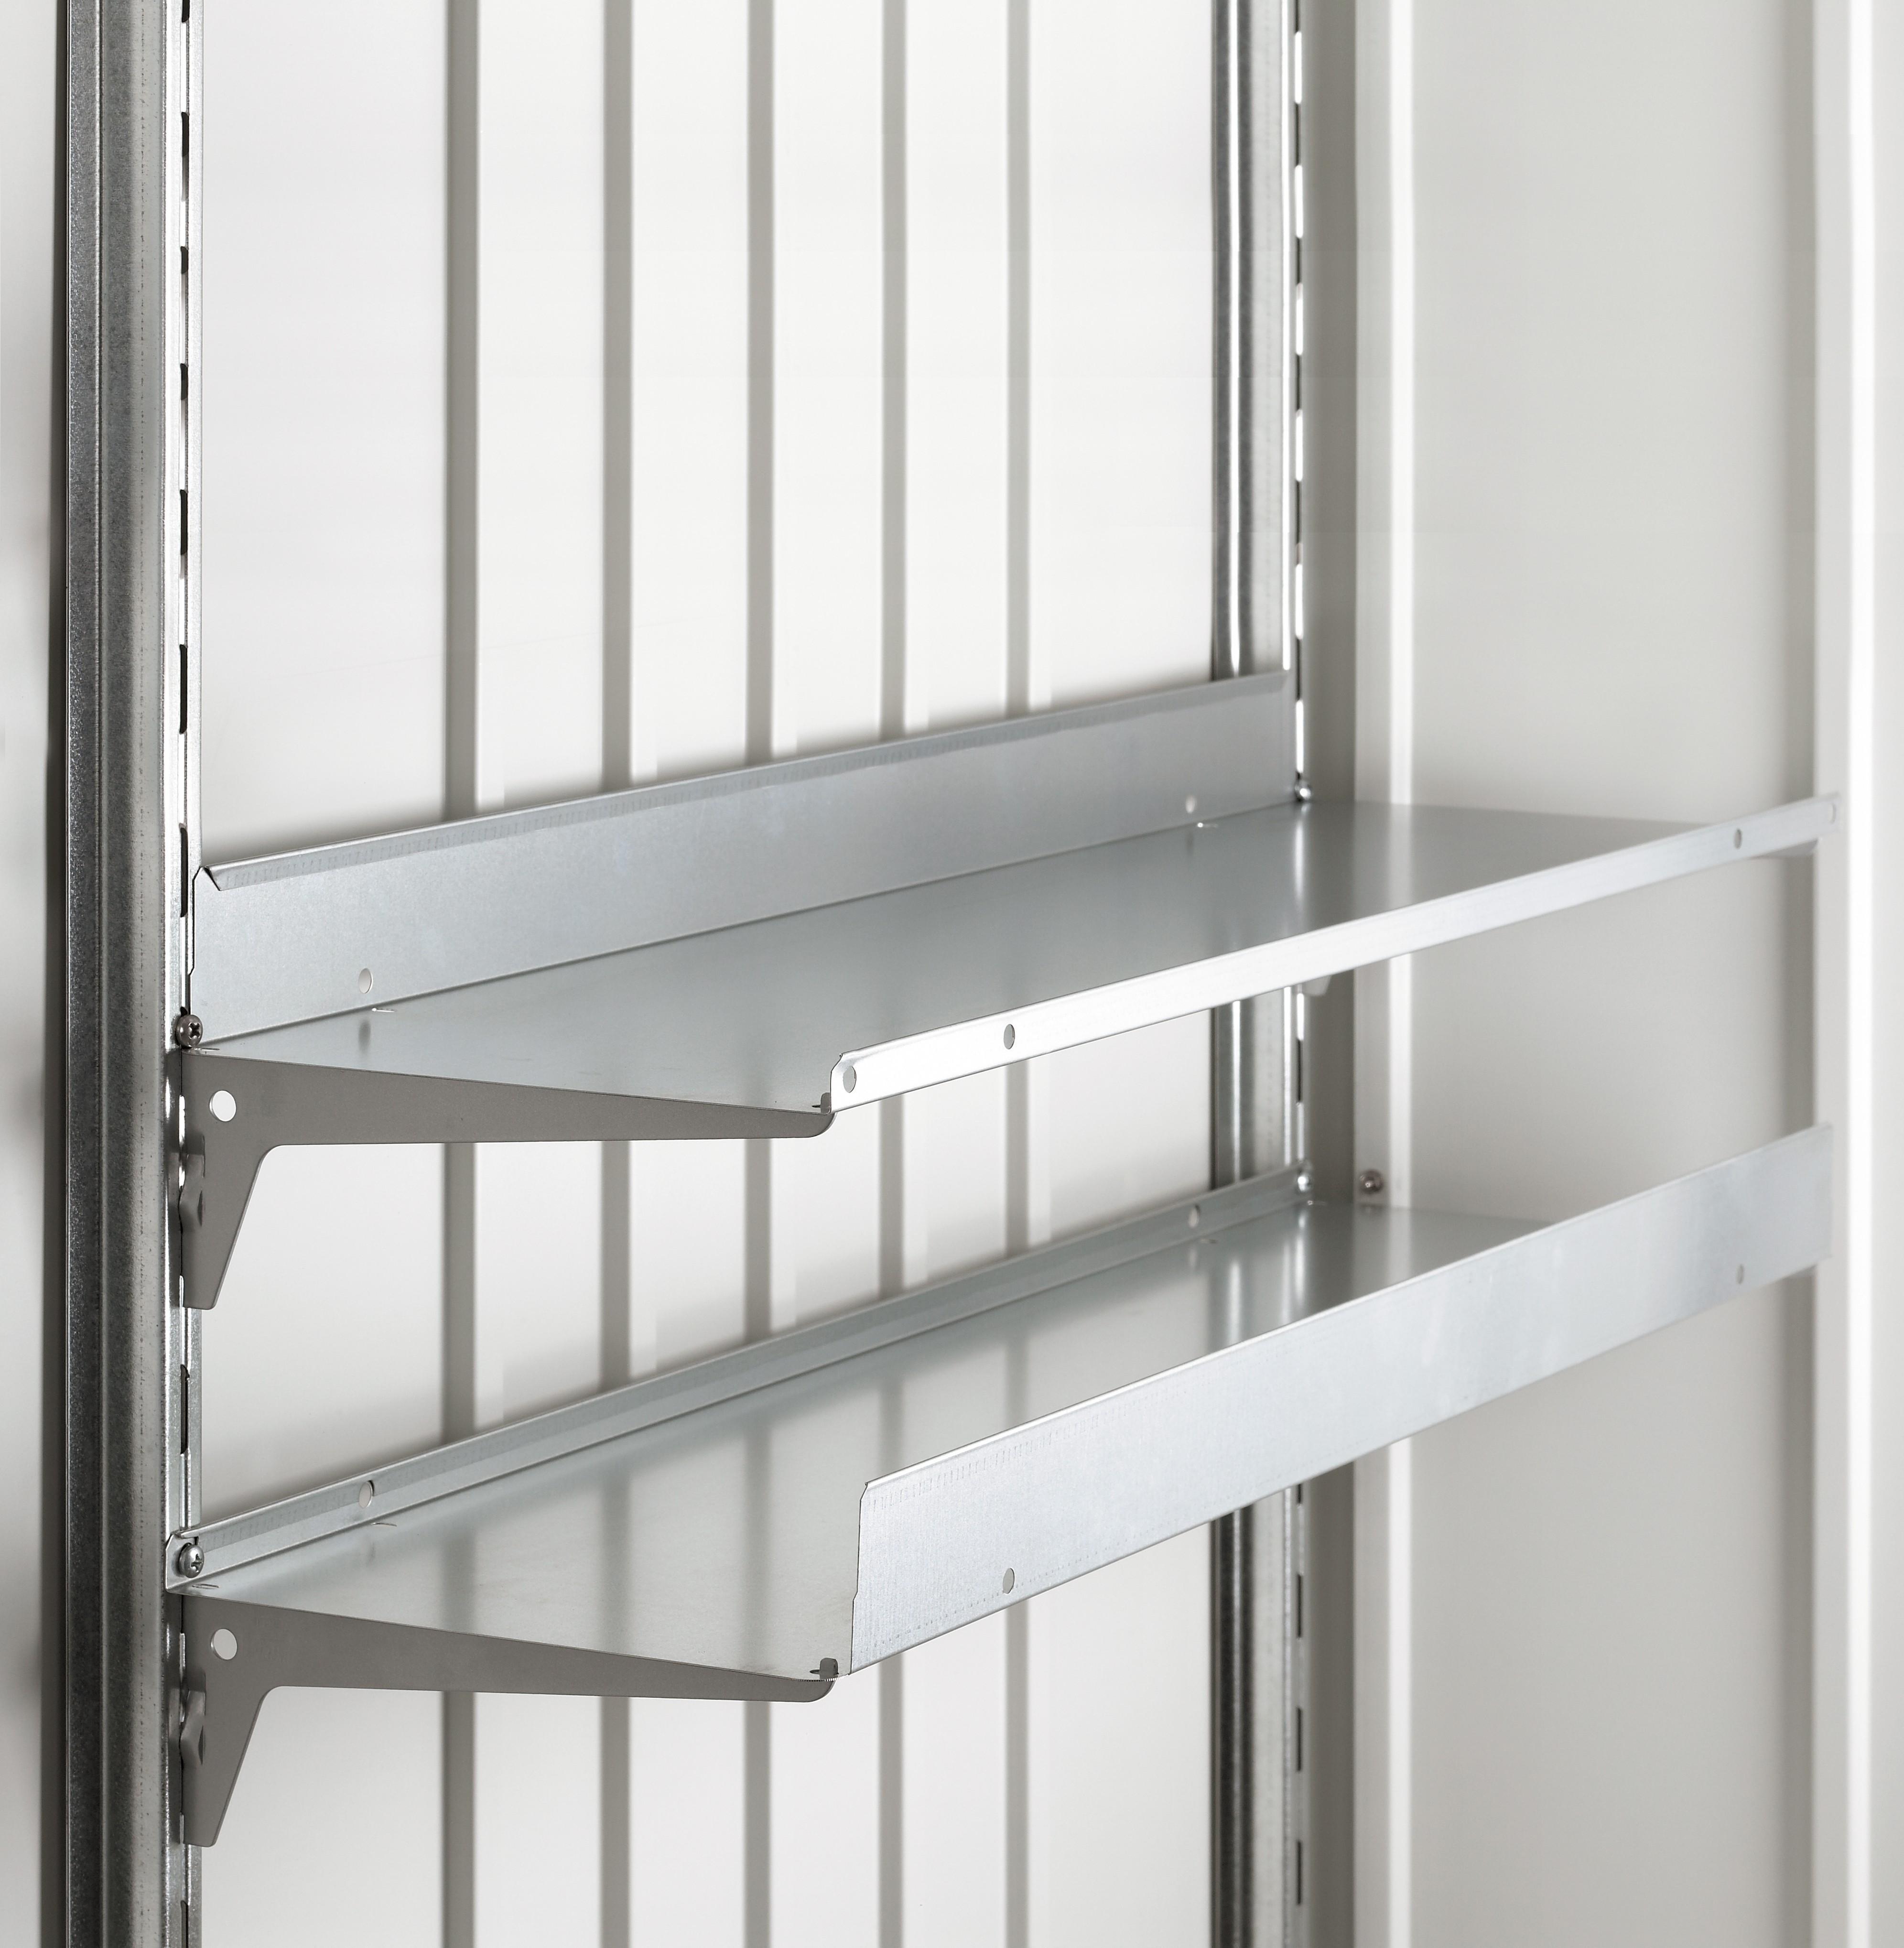 regale biohort 4er set standard bei. Black Bedroom Furniture Sets. Home Design Ideas